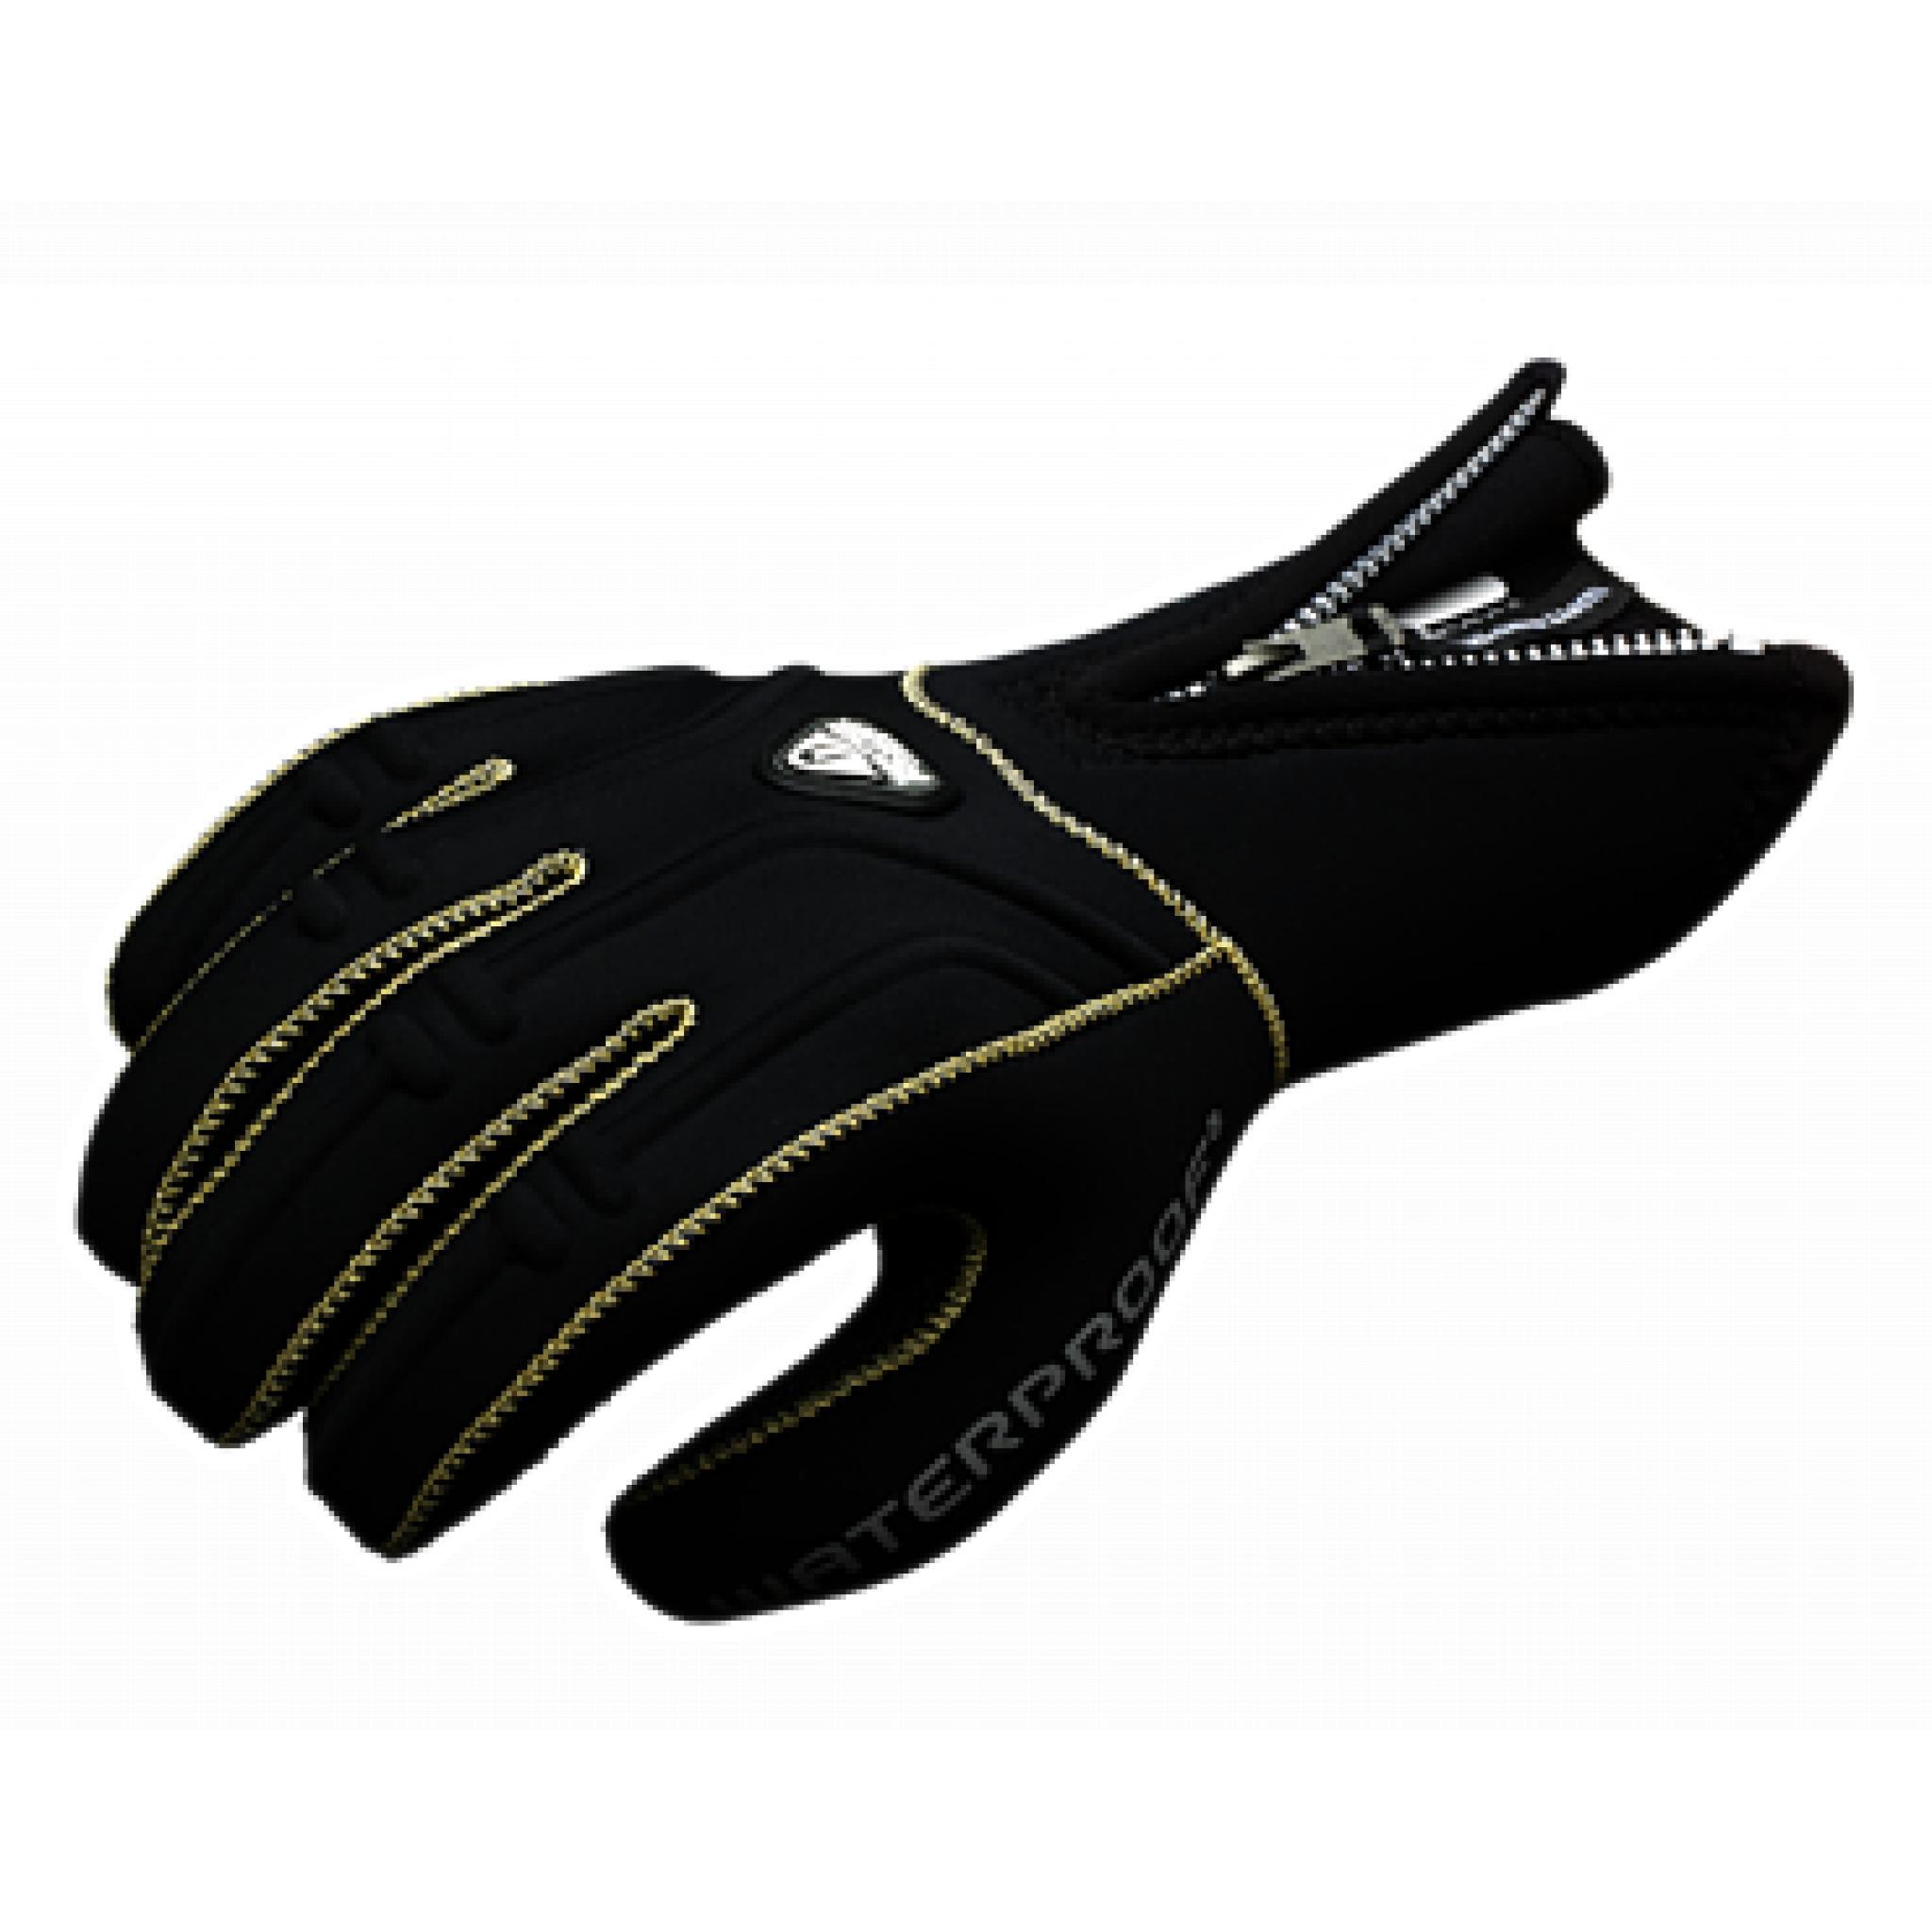 Waterproof G1 Aramid - SF 5mm Kevlar Gloves